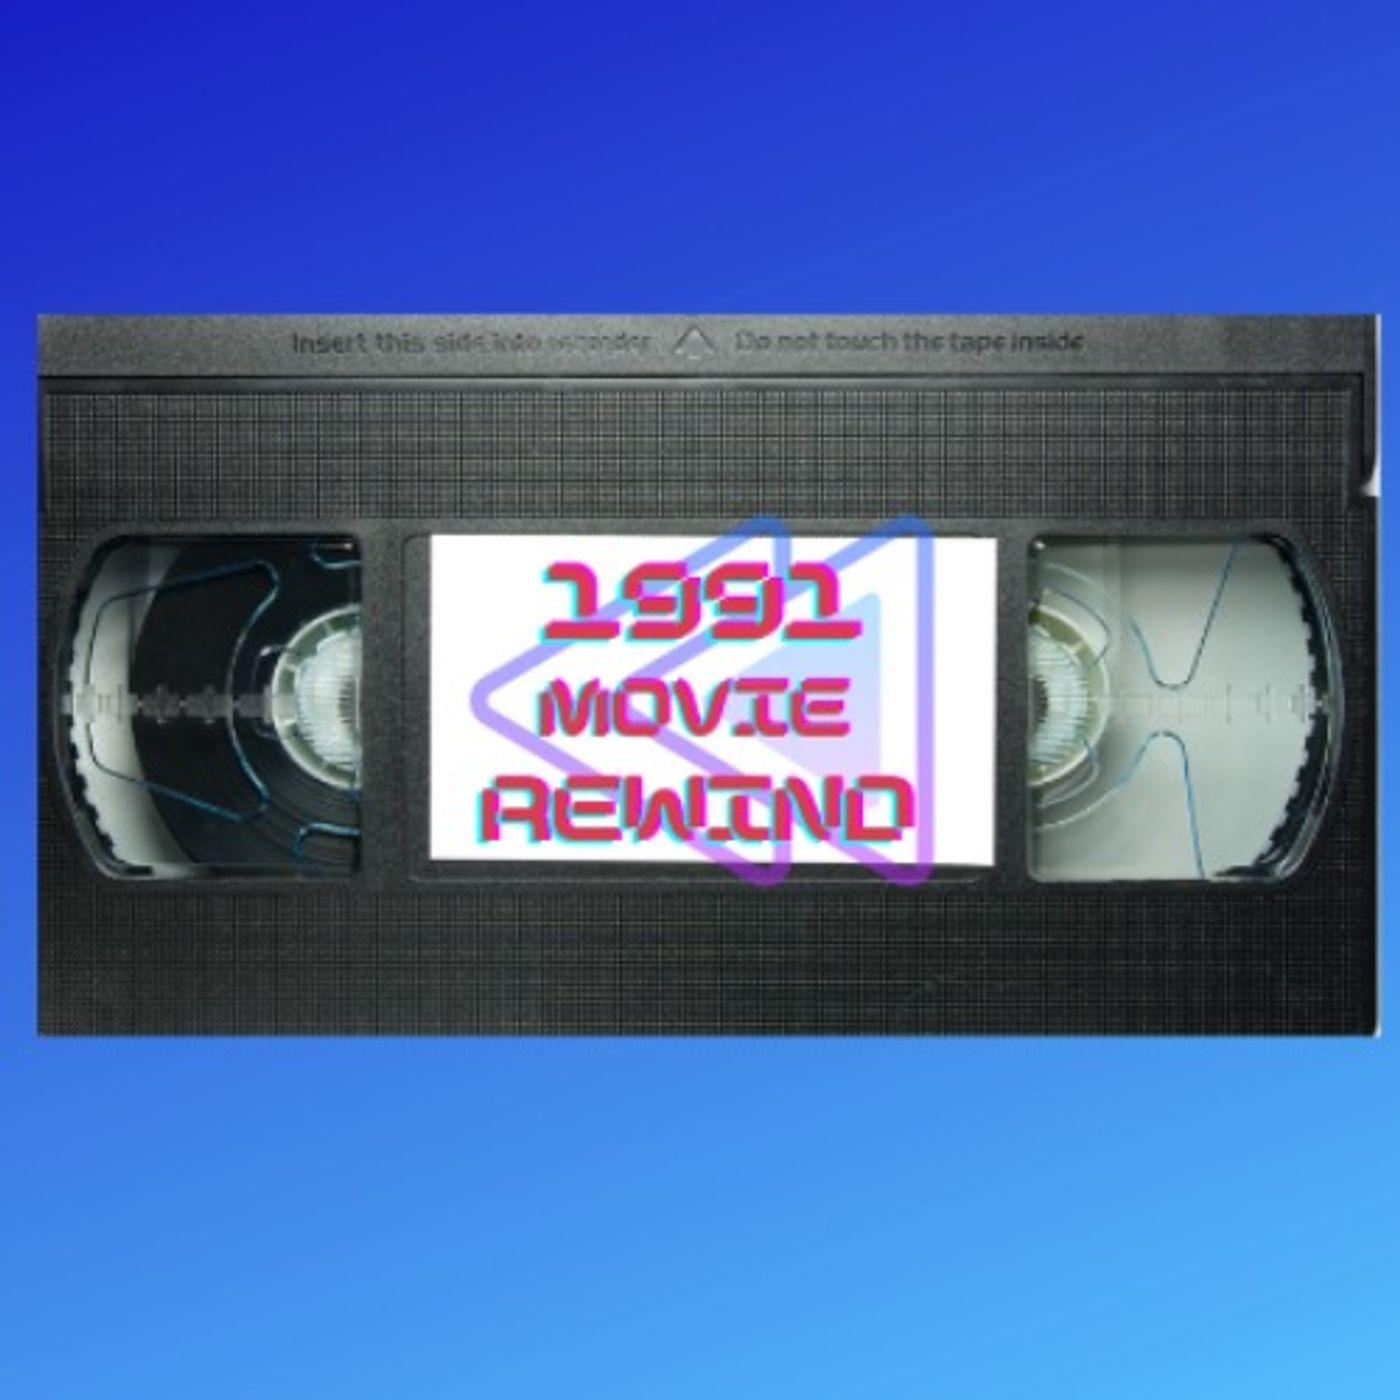 1991 Movie Rewind